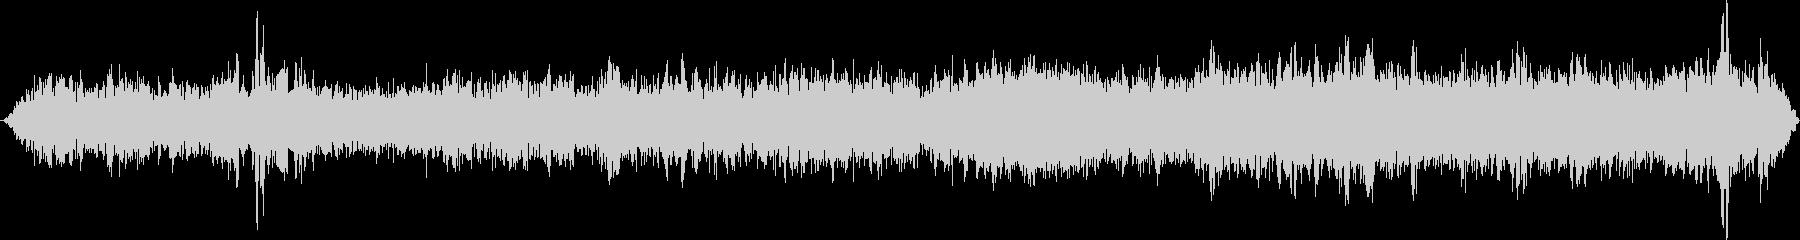 モノレール停車中の未再生の波形